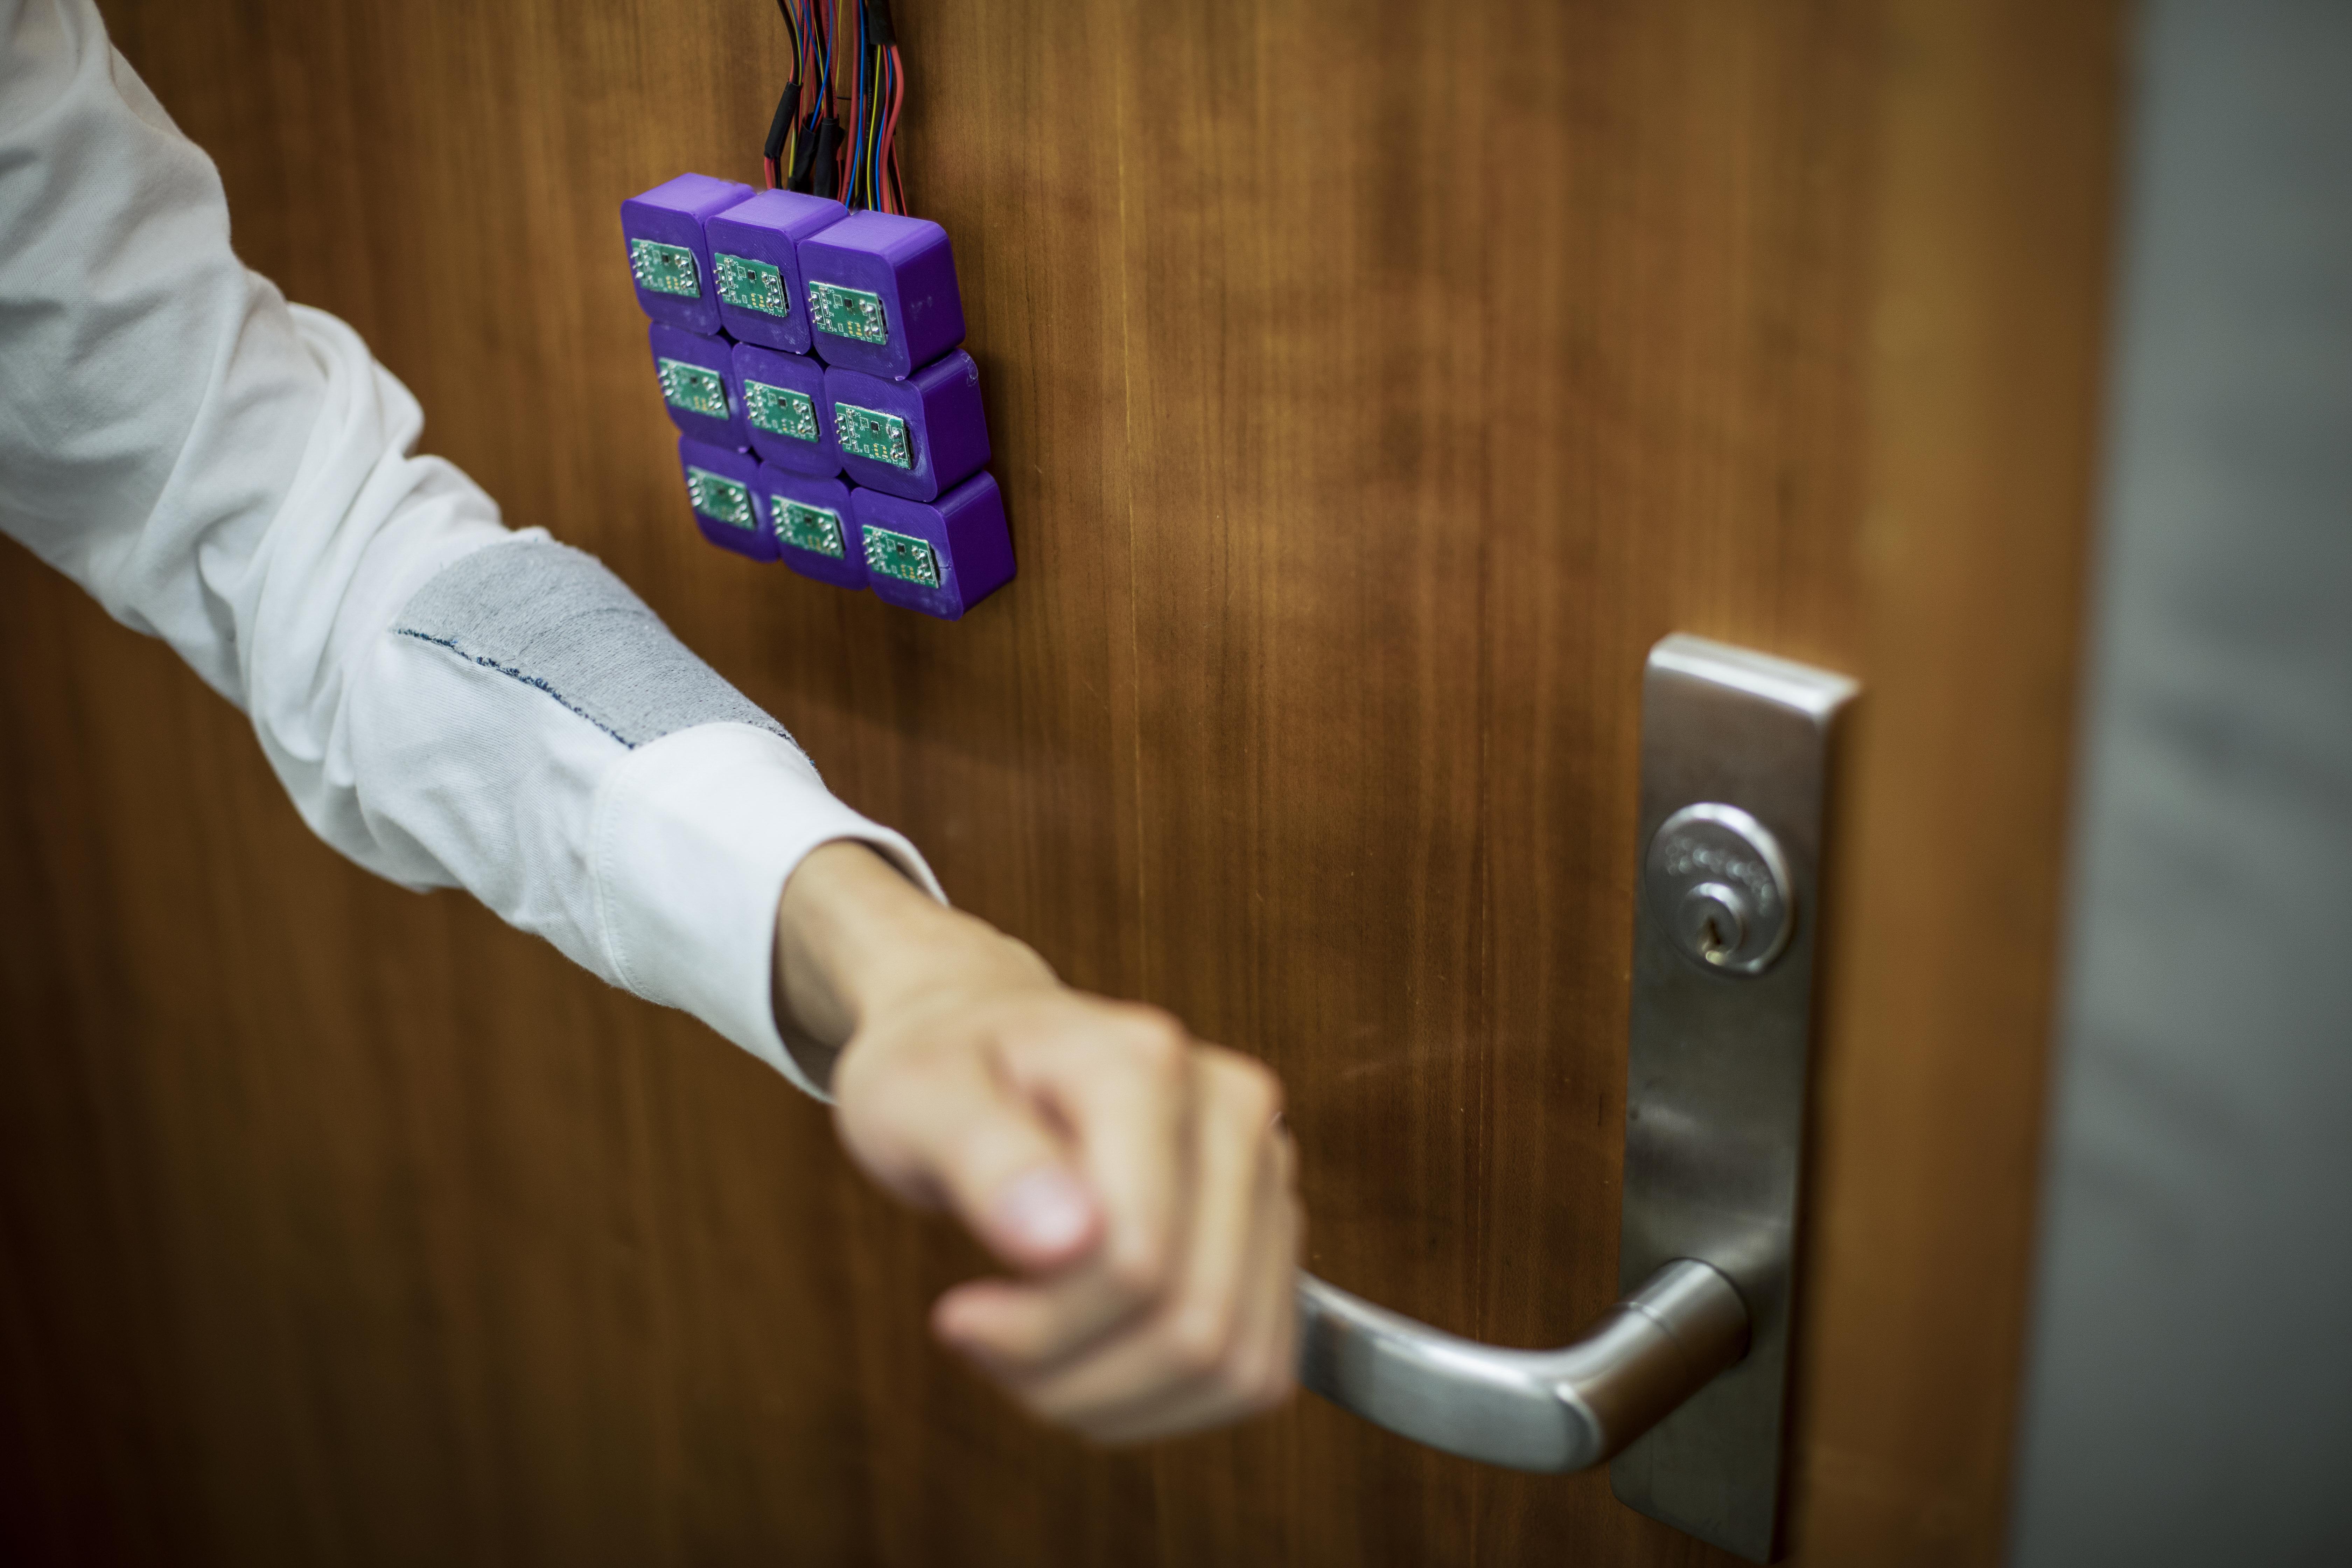 Los investigadores de la Universidad de Washington están almacenando trozos de datos en el hilo magnetizado que se pueden leer con un magnetómetro.